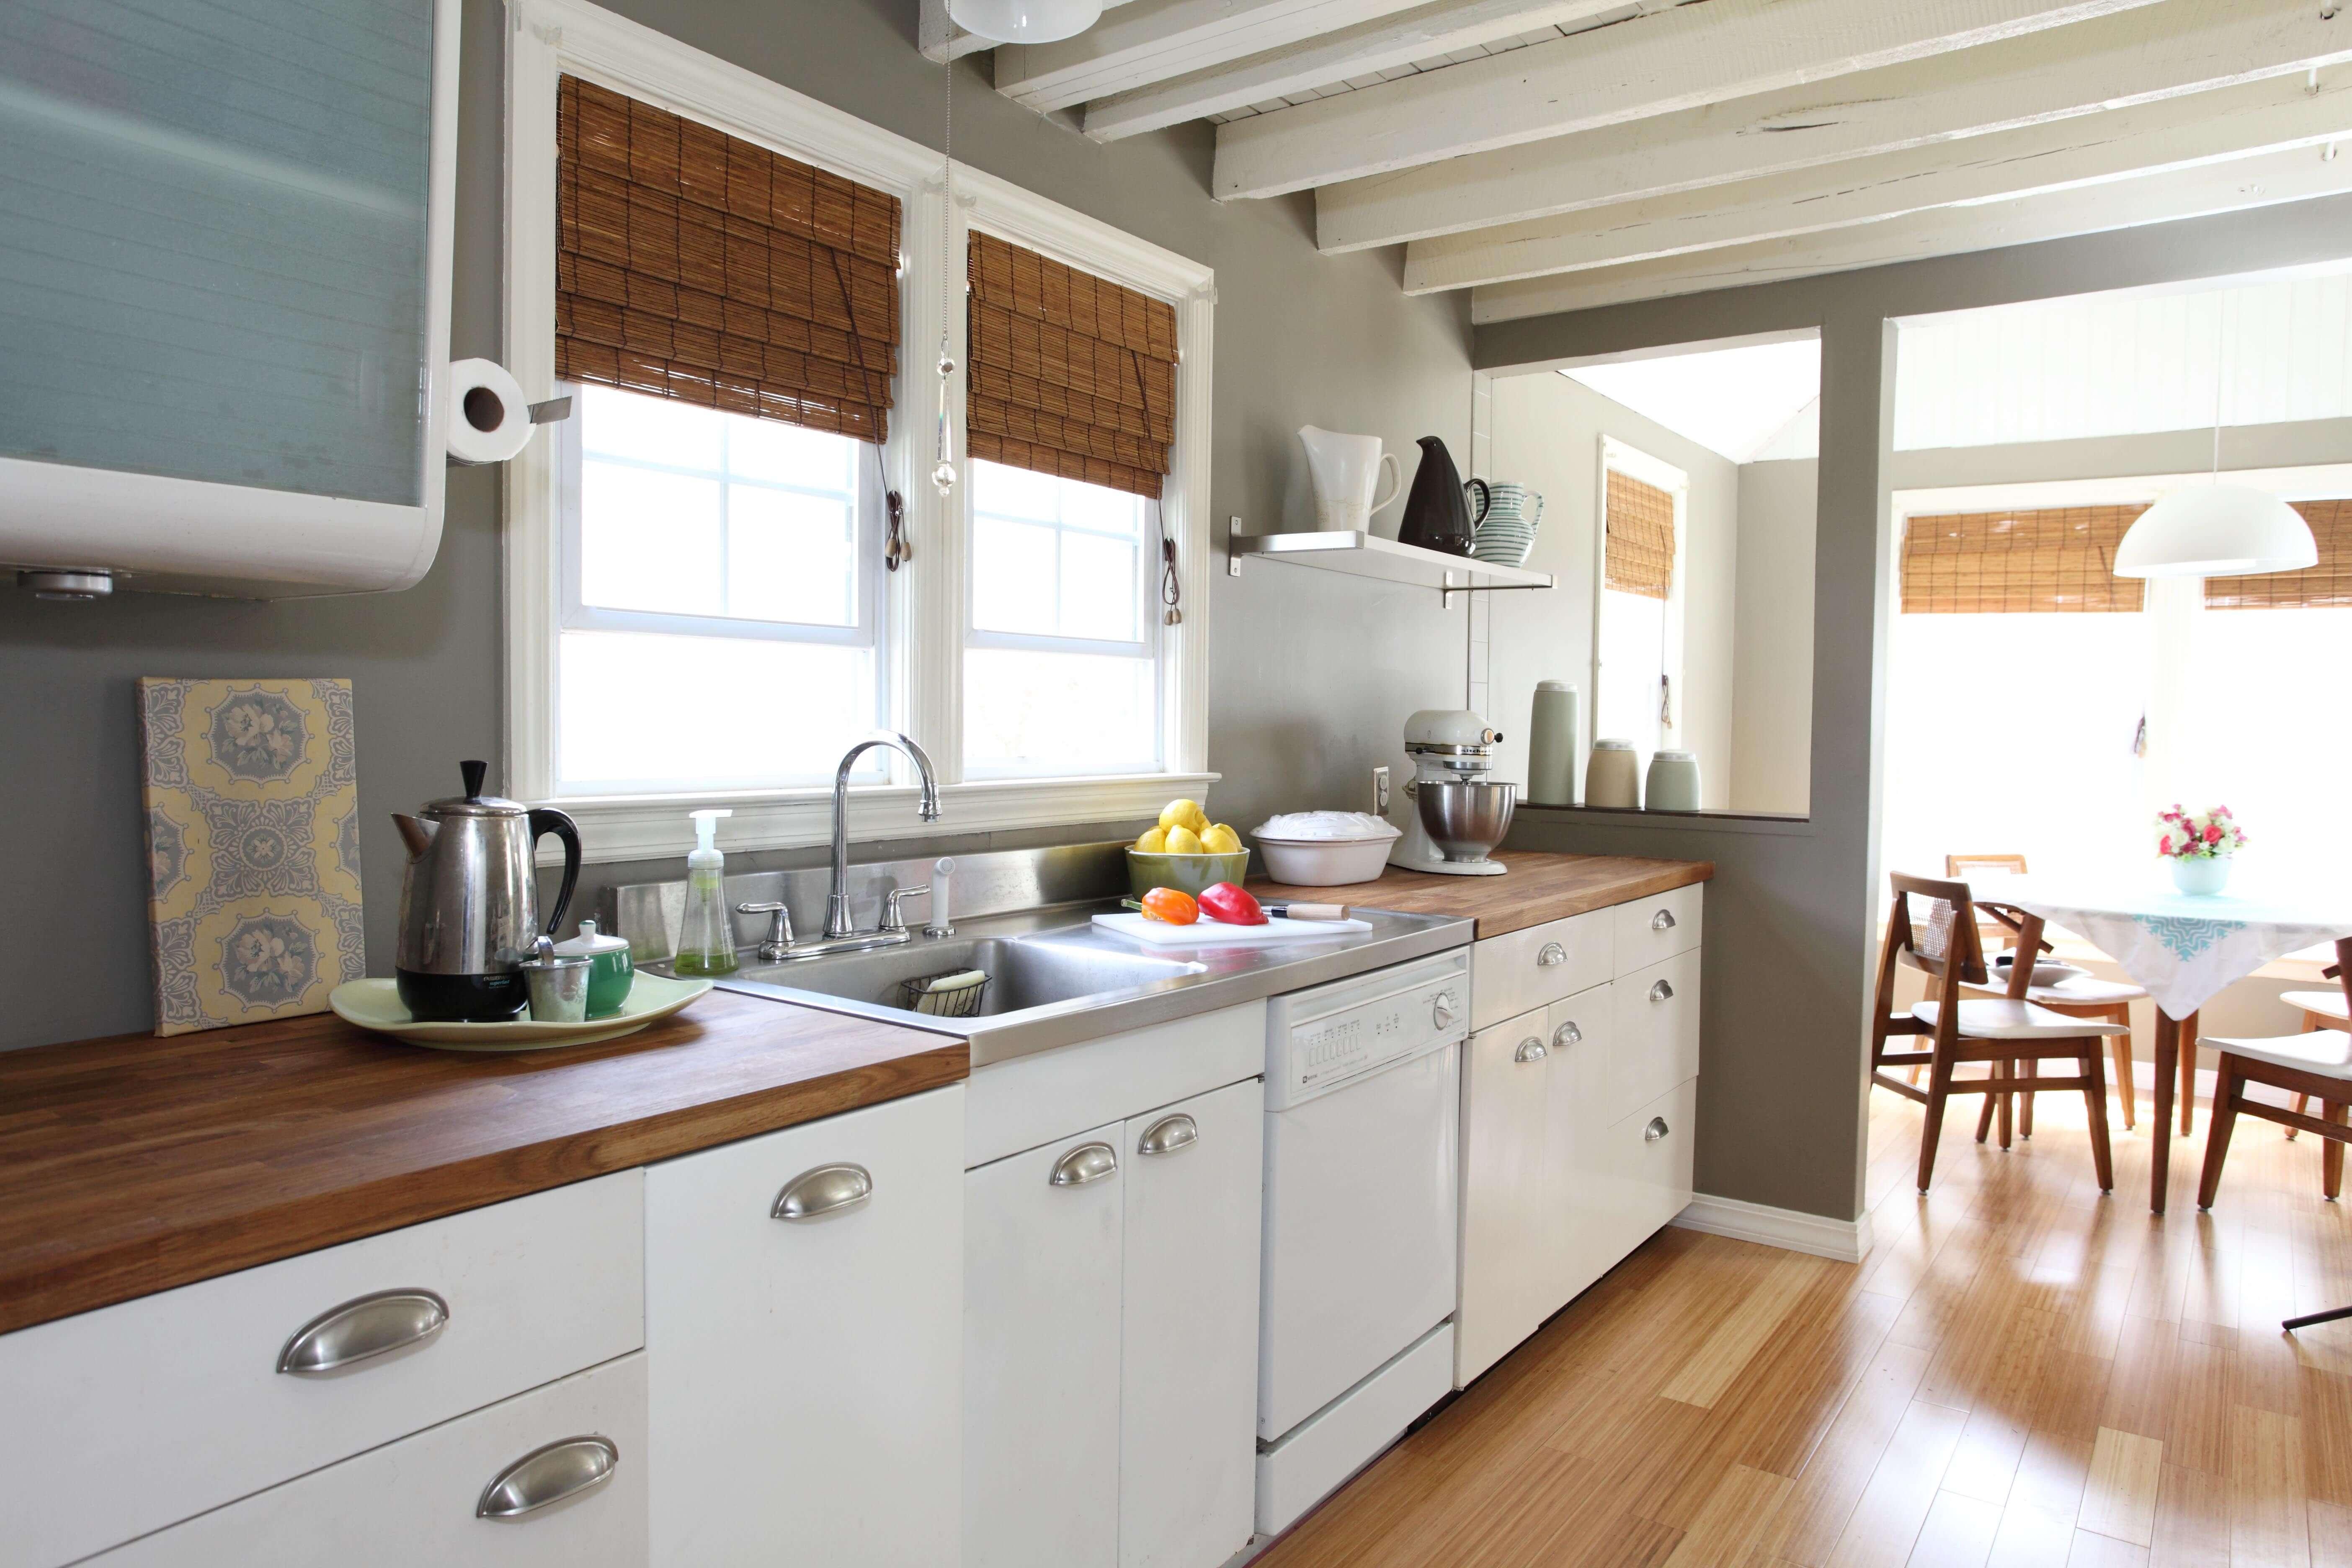 Schoolbordverf De Keuken : Diy zelfmaakidee schoolbordverf in de keuken passie wonen